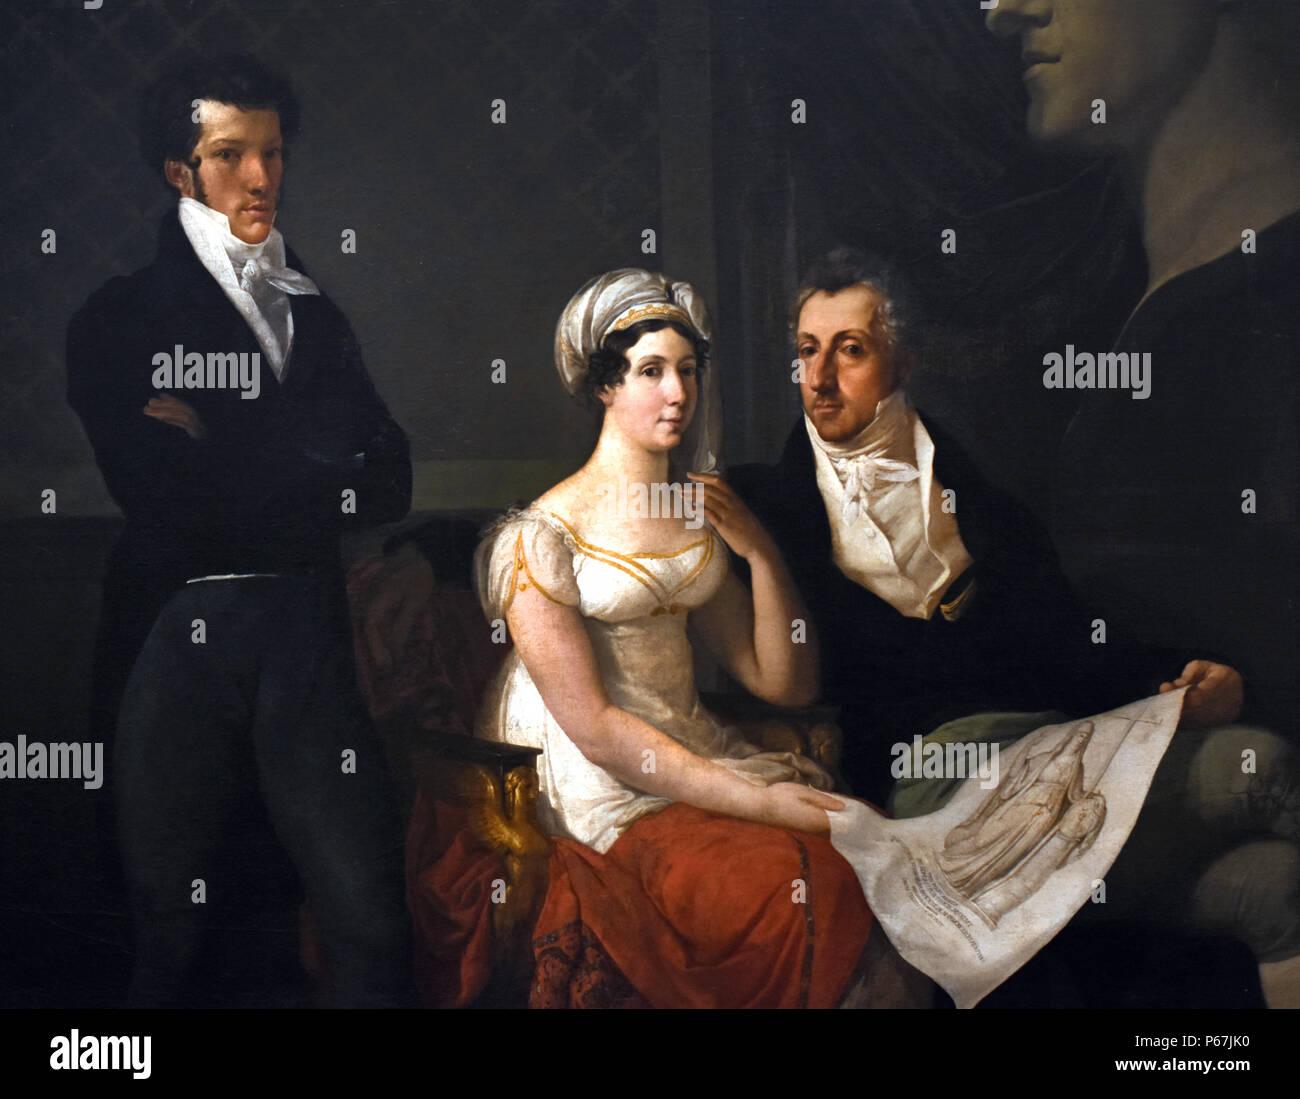 Cicognara Familie von Francesco Hayez 1791-1882 italienischer Maler, der führende Künstler der Romantik in der Mitte des 19. Jahrhunderts, Mailand, Italien, Stockbild